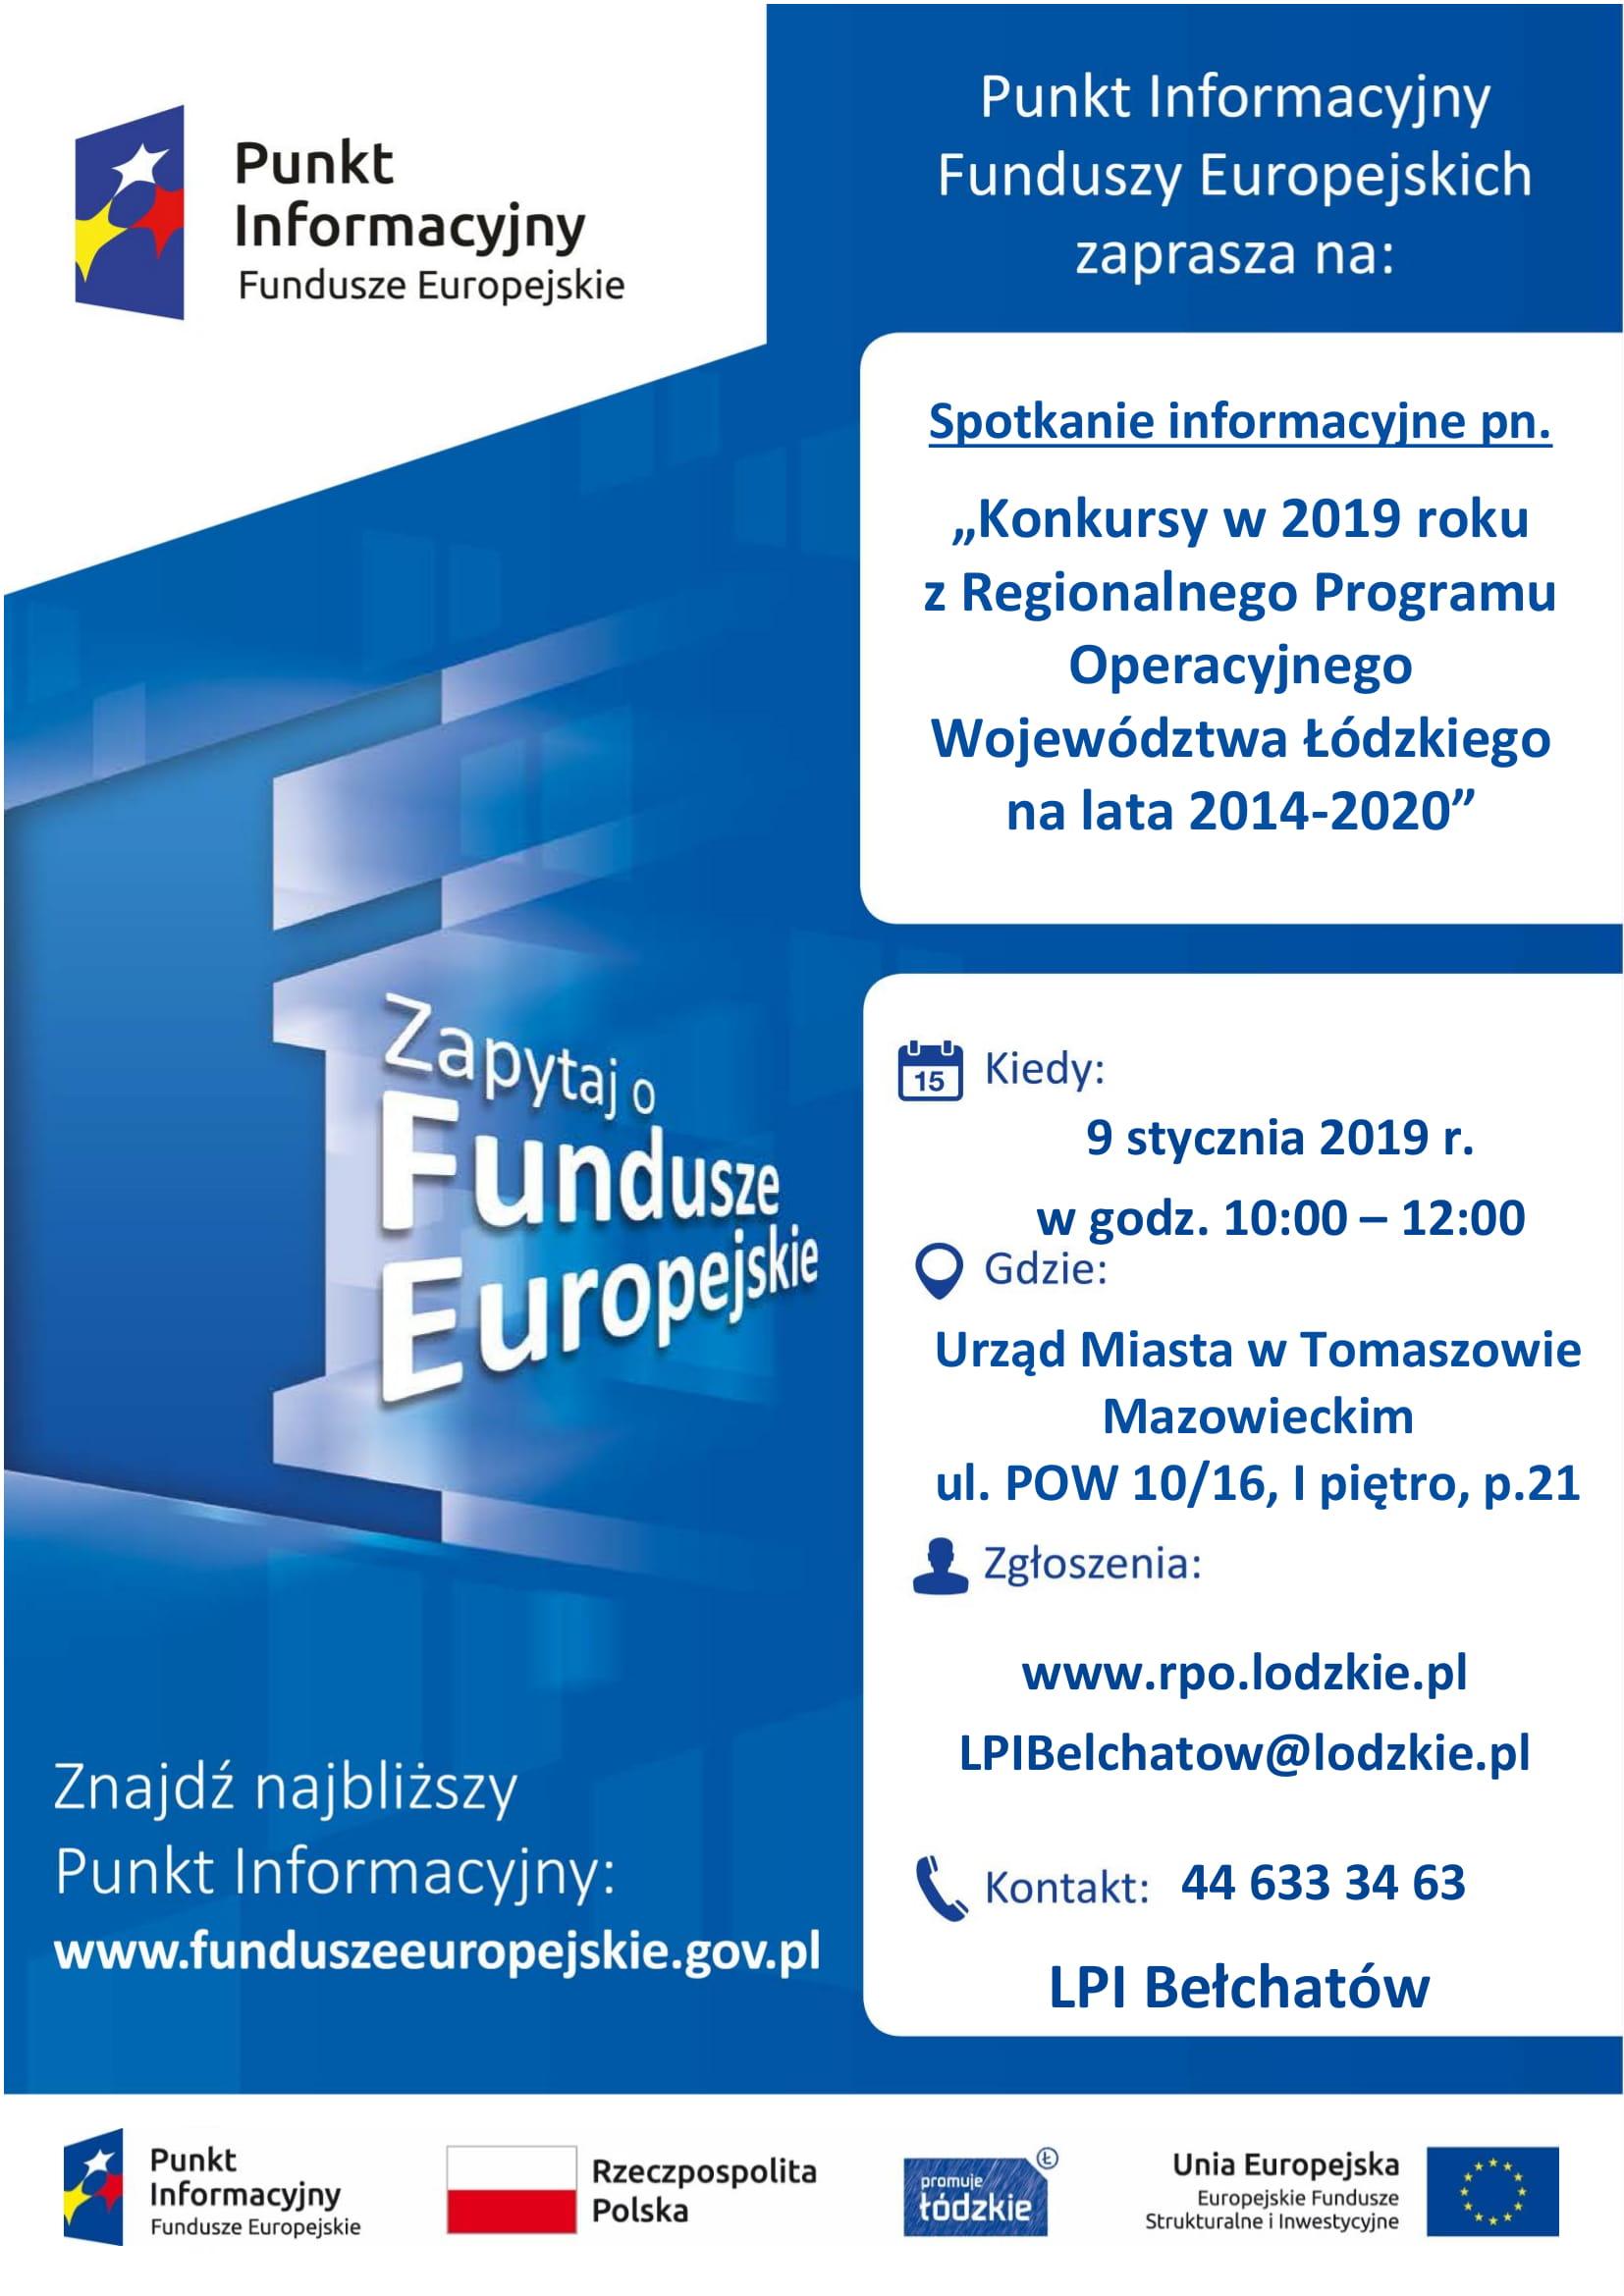 spotkanie informacyjne  fundusze europejskie